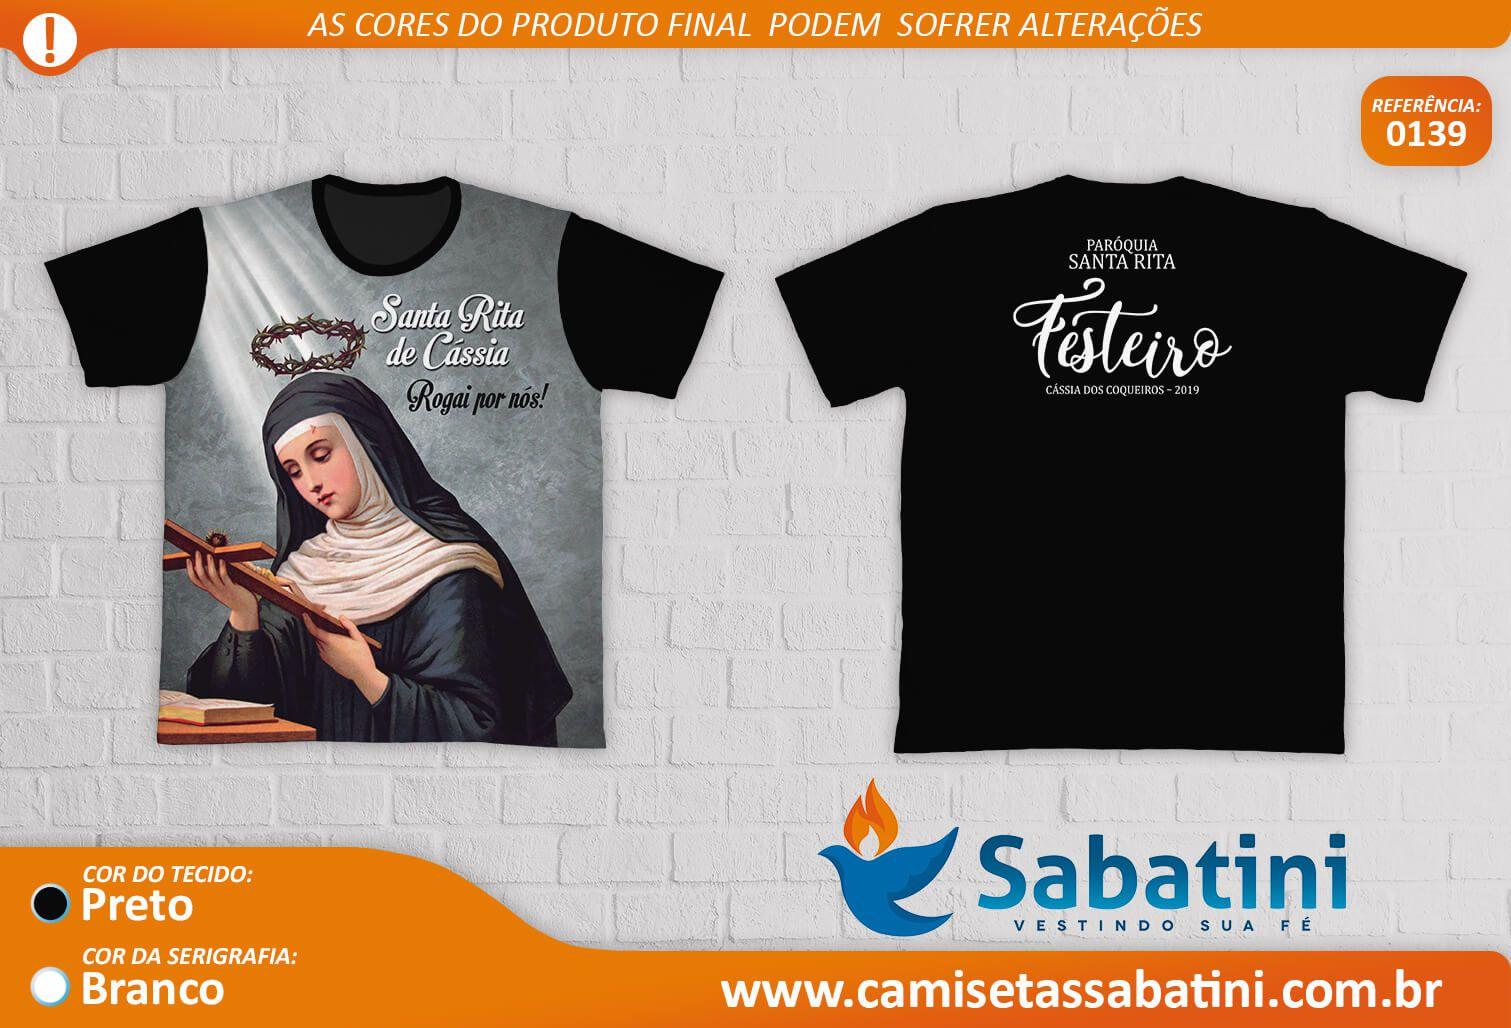 Camiseta Personalizada -FESTEIROS - PARÓQUIA SANTA RITA DE CÁSSIA - CÁSSIA DOS COQUEIROS - SP - ID:15335255  - Camisetas Sabatini